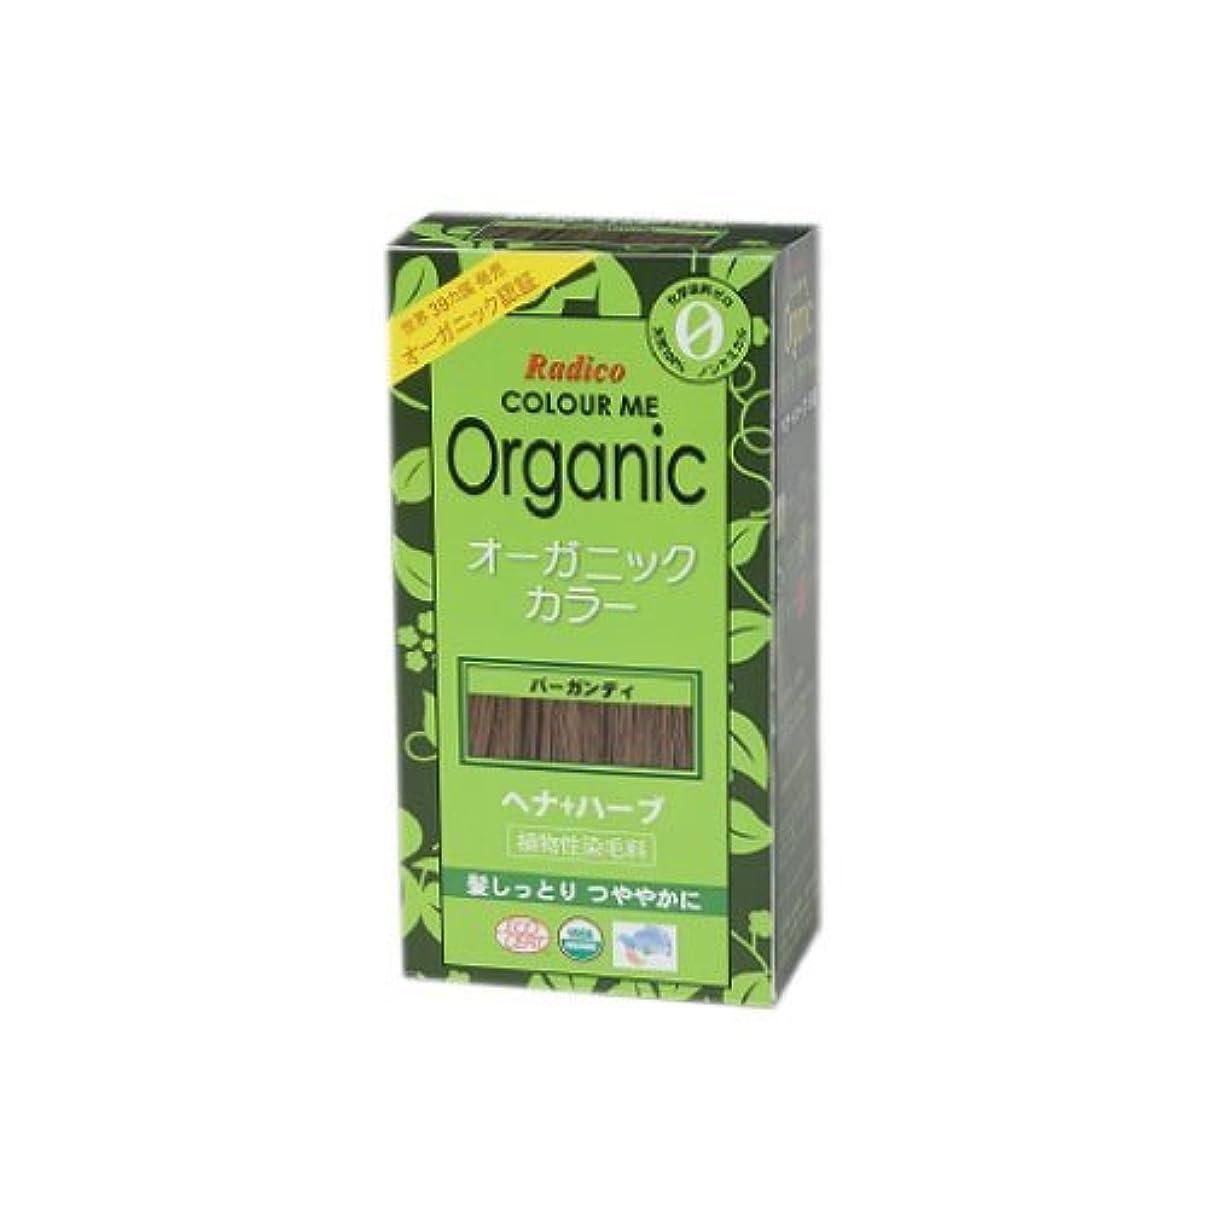 まもなく相続人マーベルCOLOURME Organic (カラーミーオーガニック ヘナ 白髪用) バーガンディ 100g